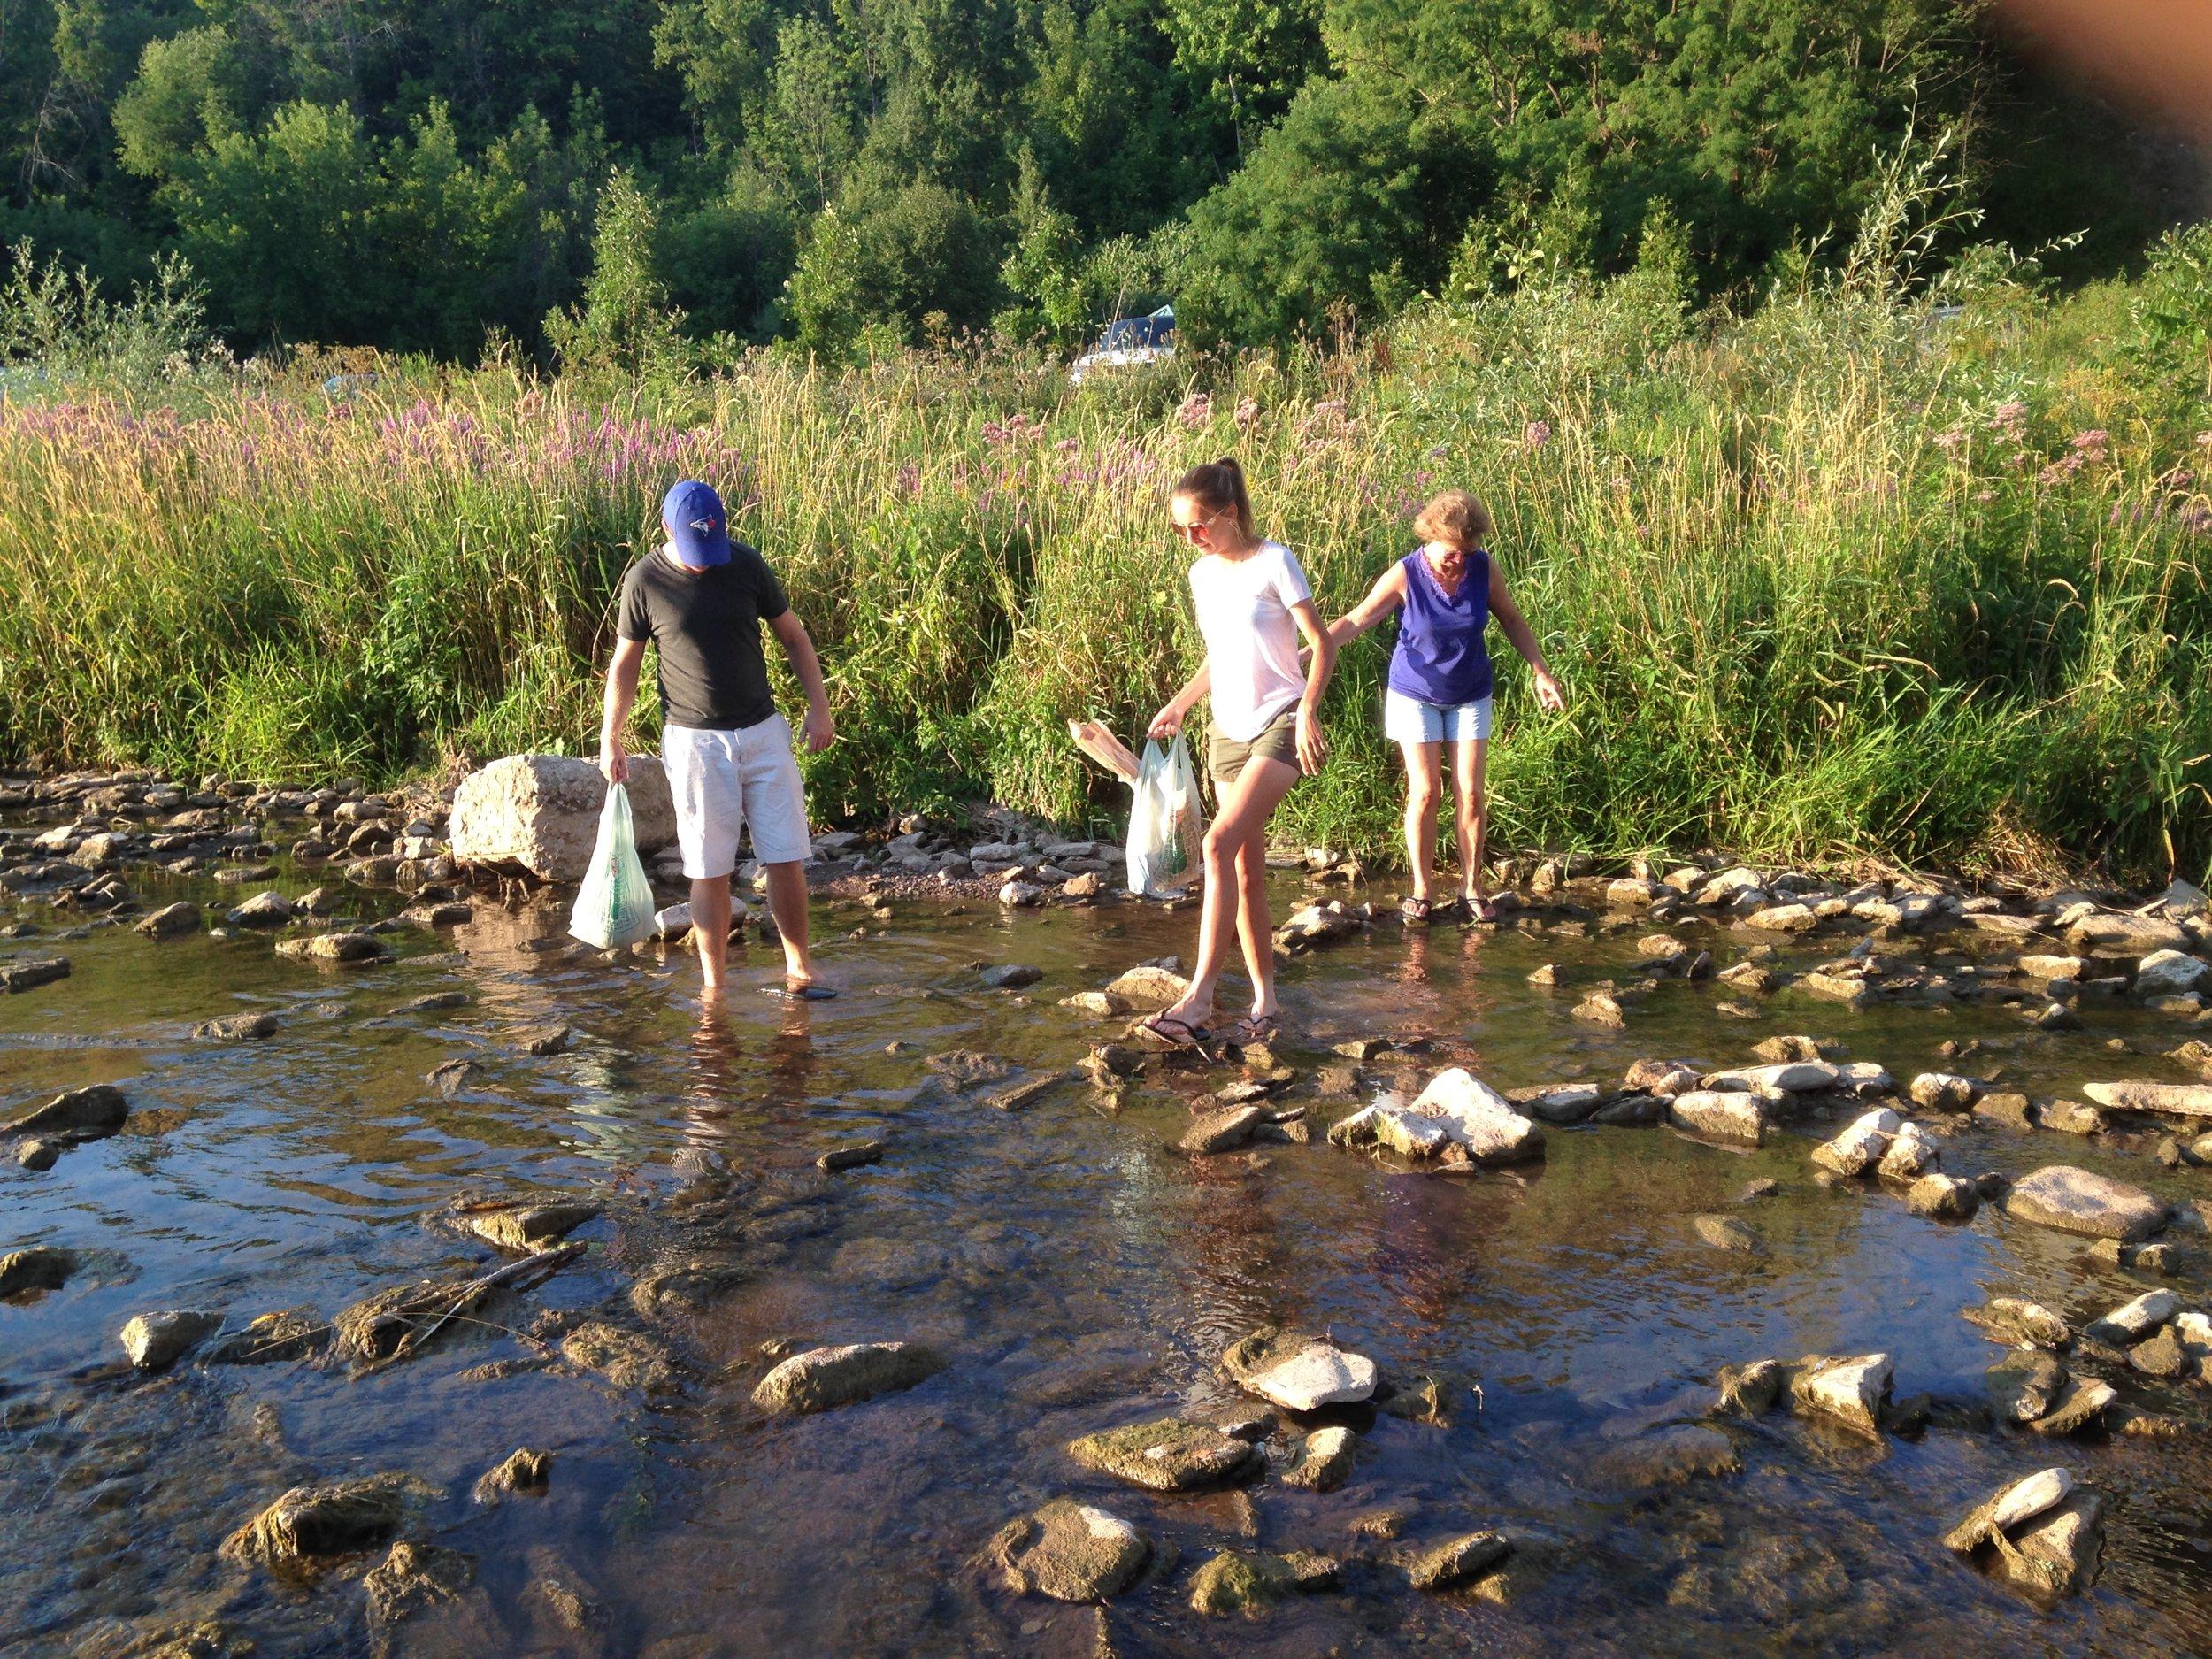 Bob, Bev, and Krista Stofko crossing 16 Mile Creek